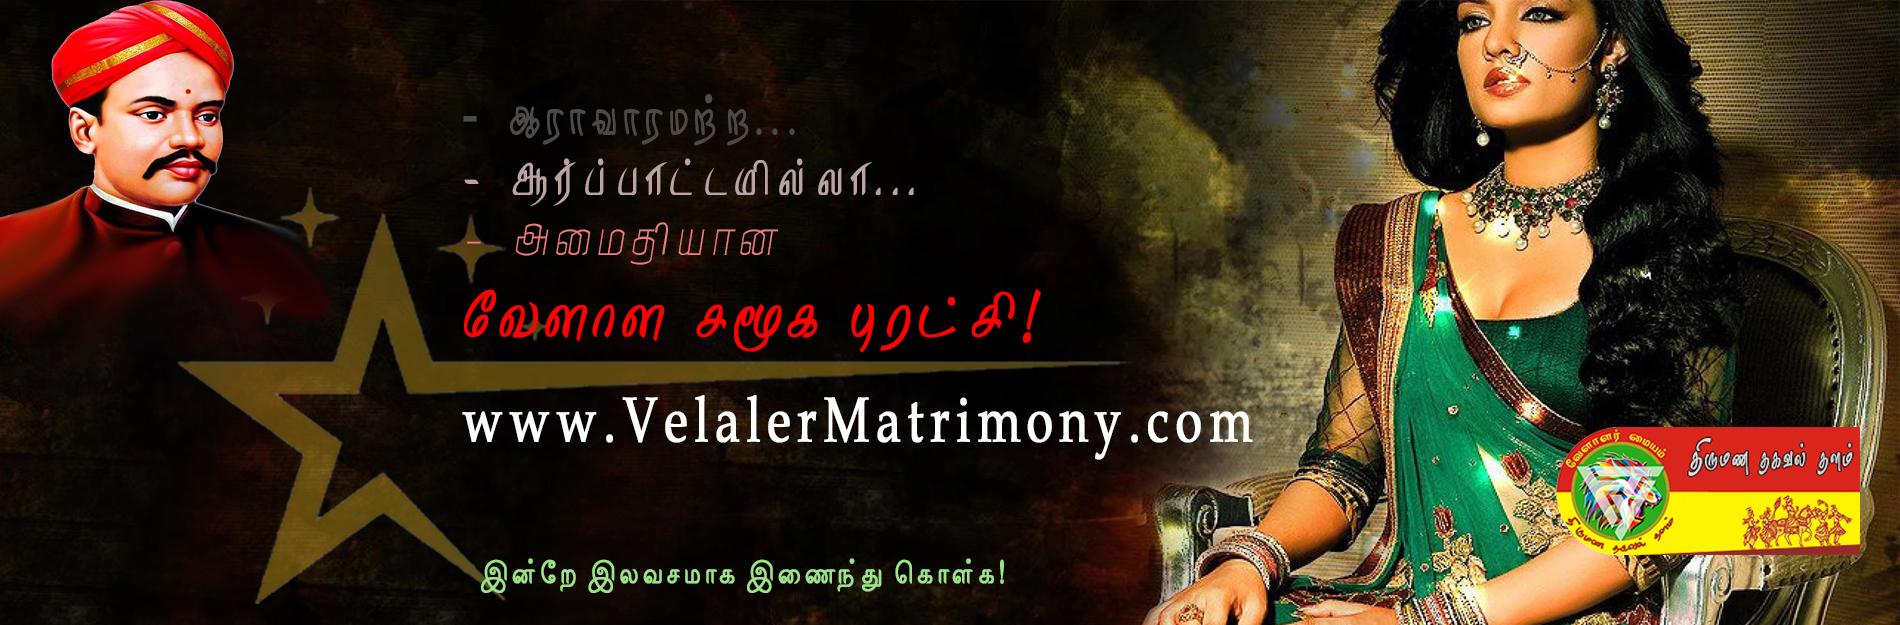 Velaler Matrimony Banner5